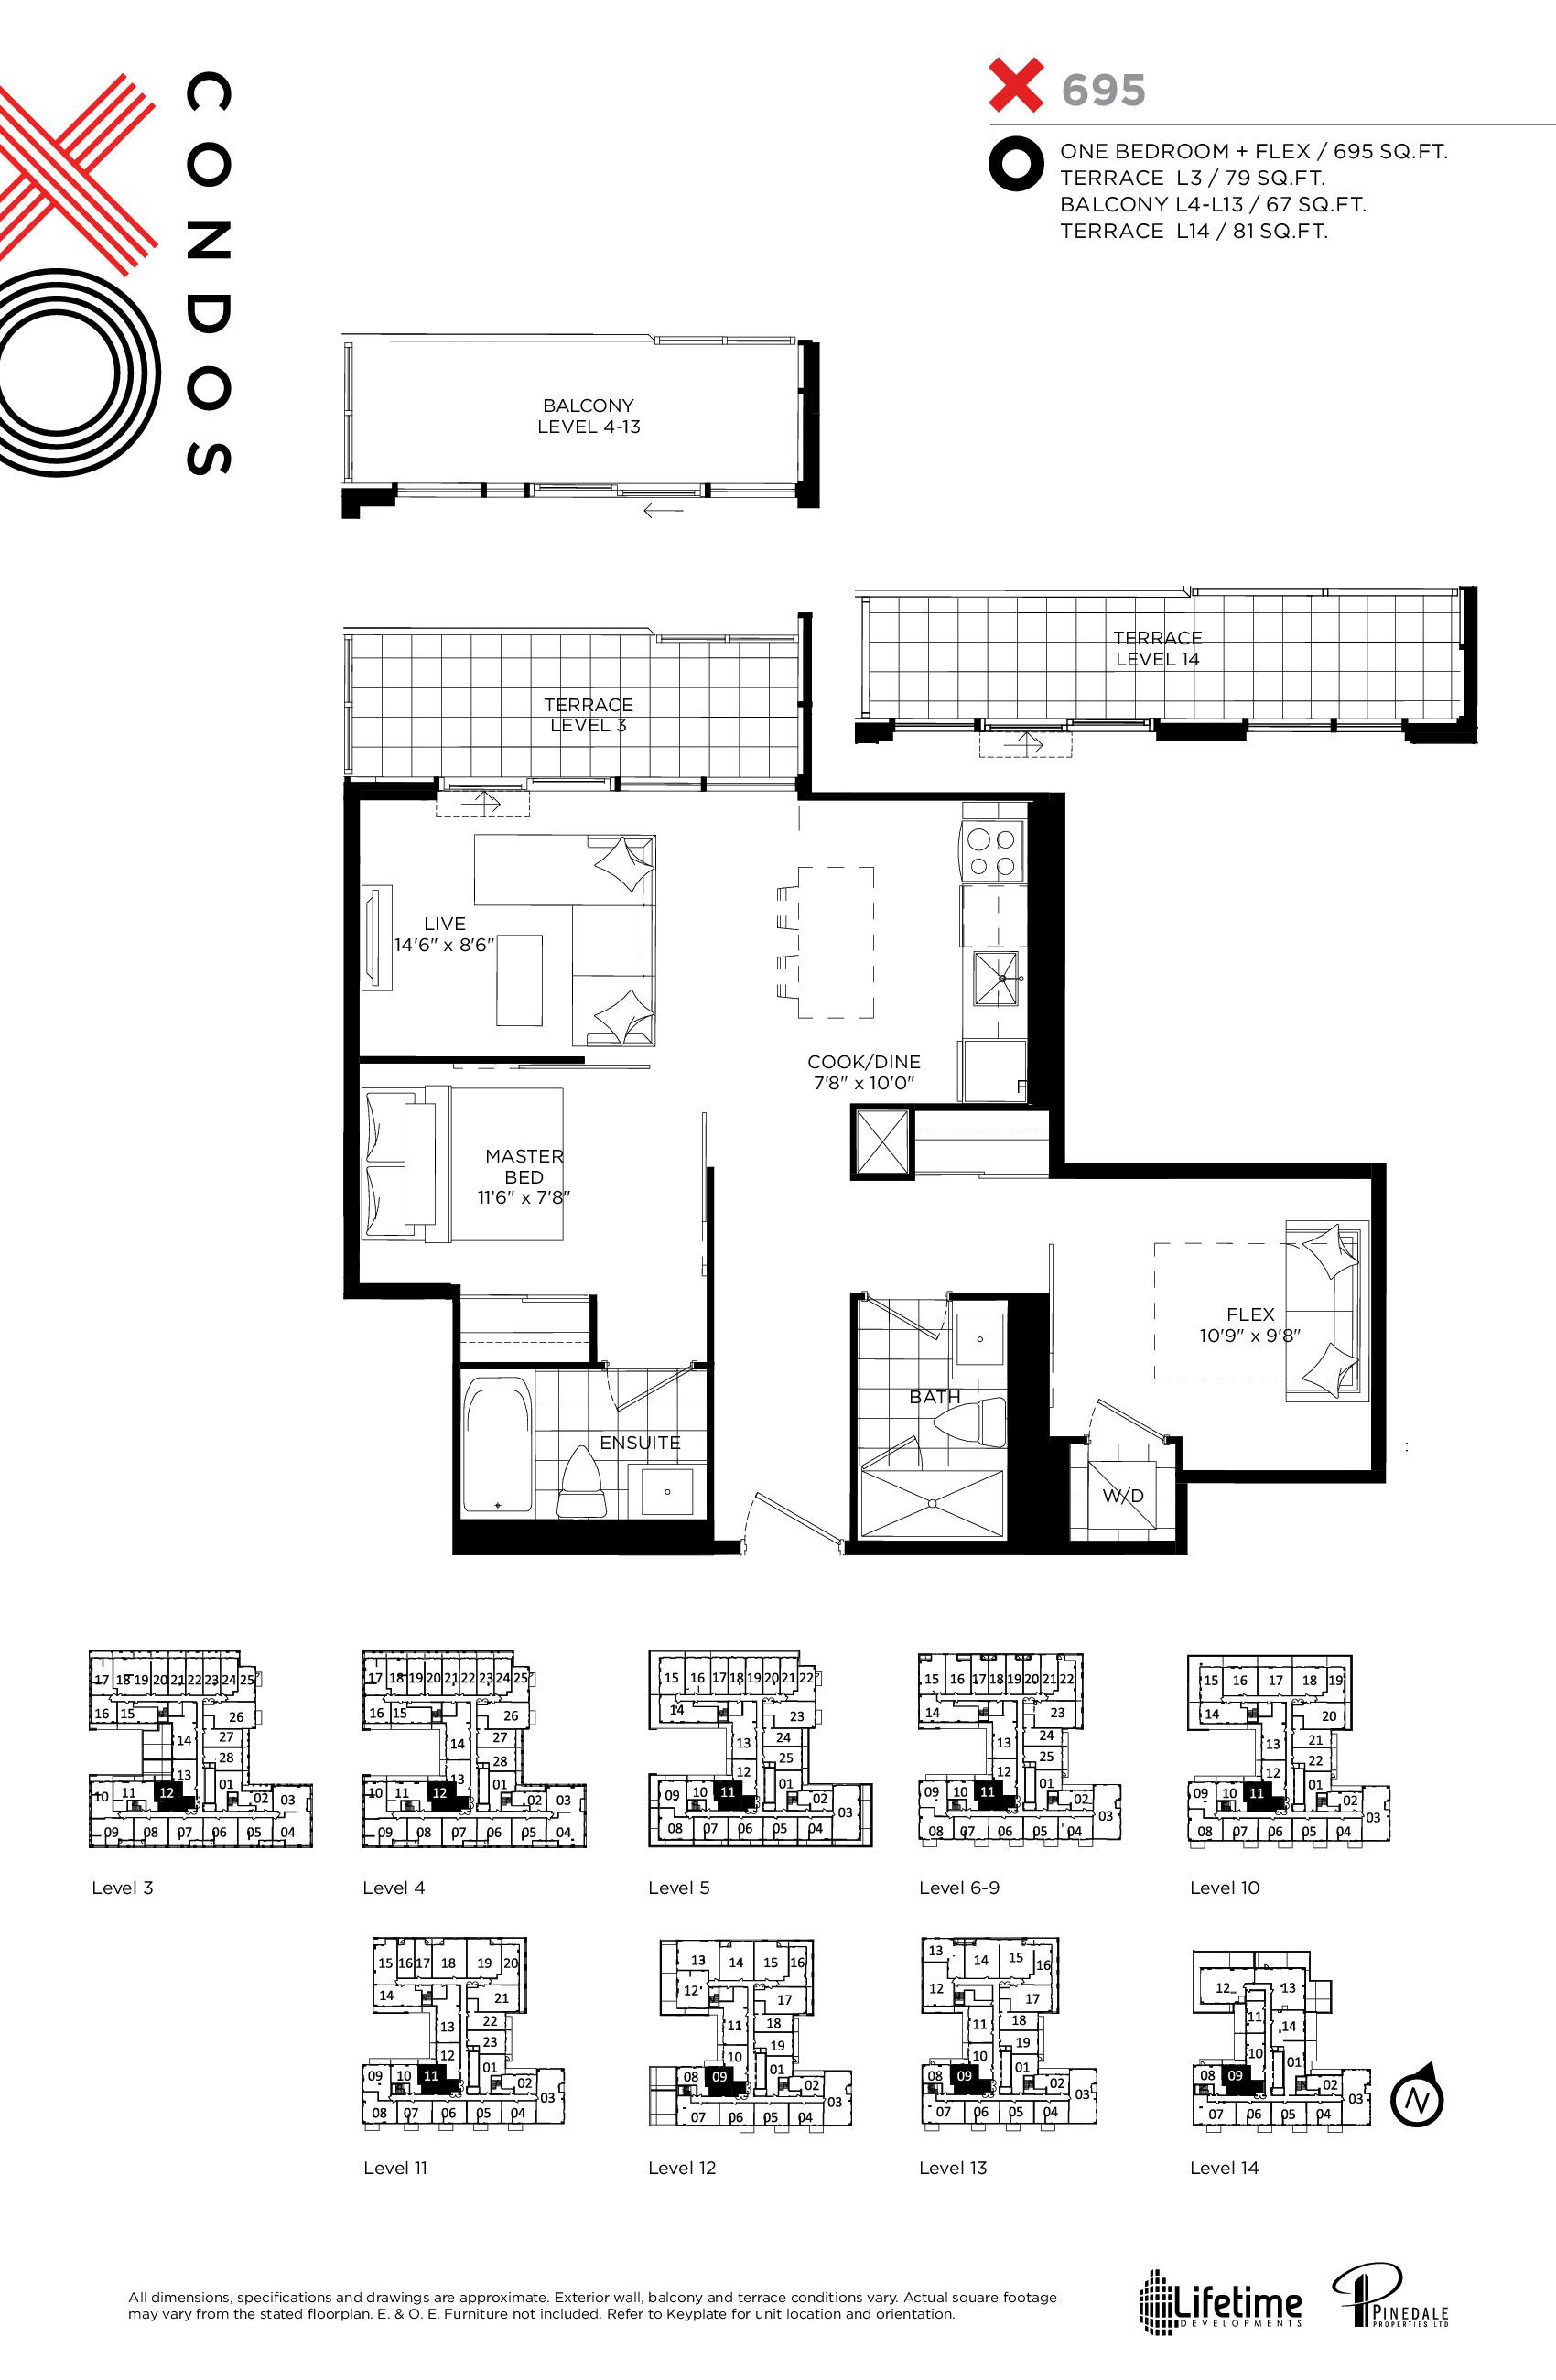 695 Floor Plan at XO Condos - 695 sq.ft